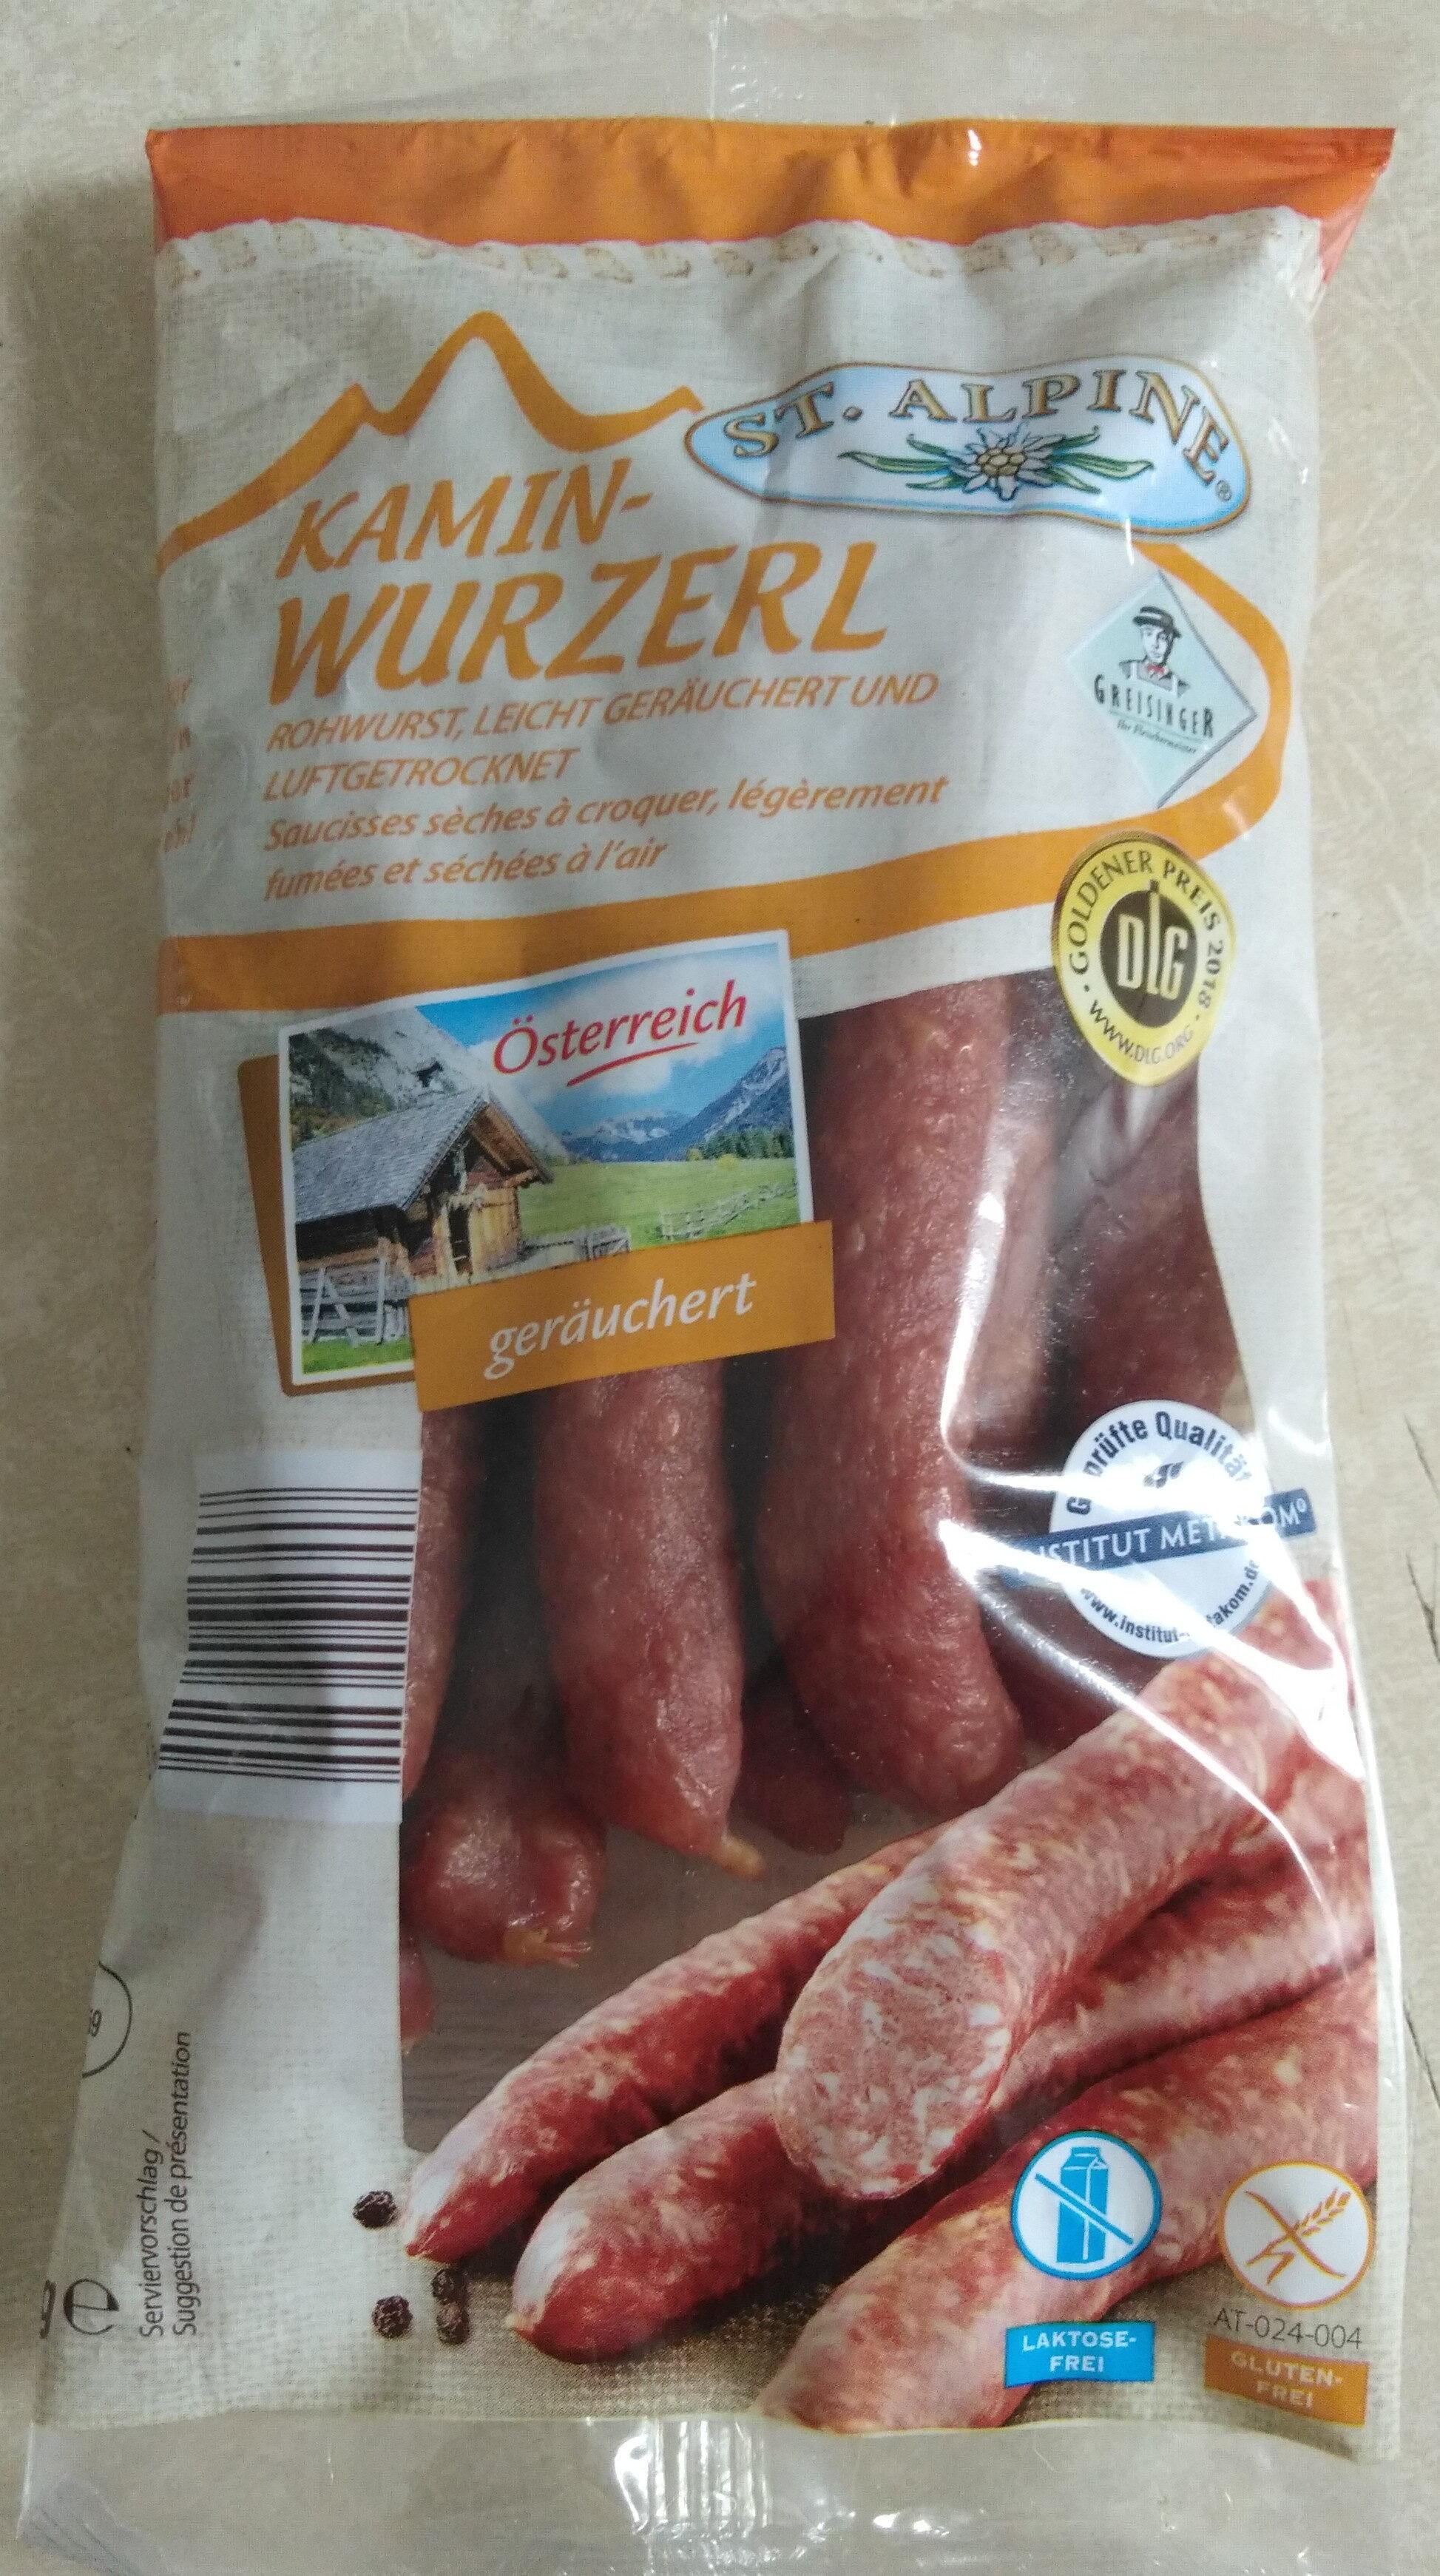 KAMIN-WURZERL - Product